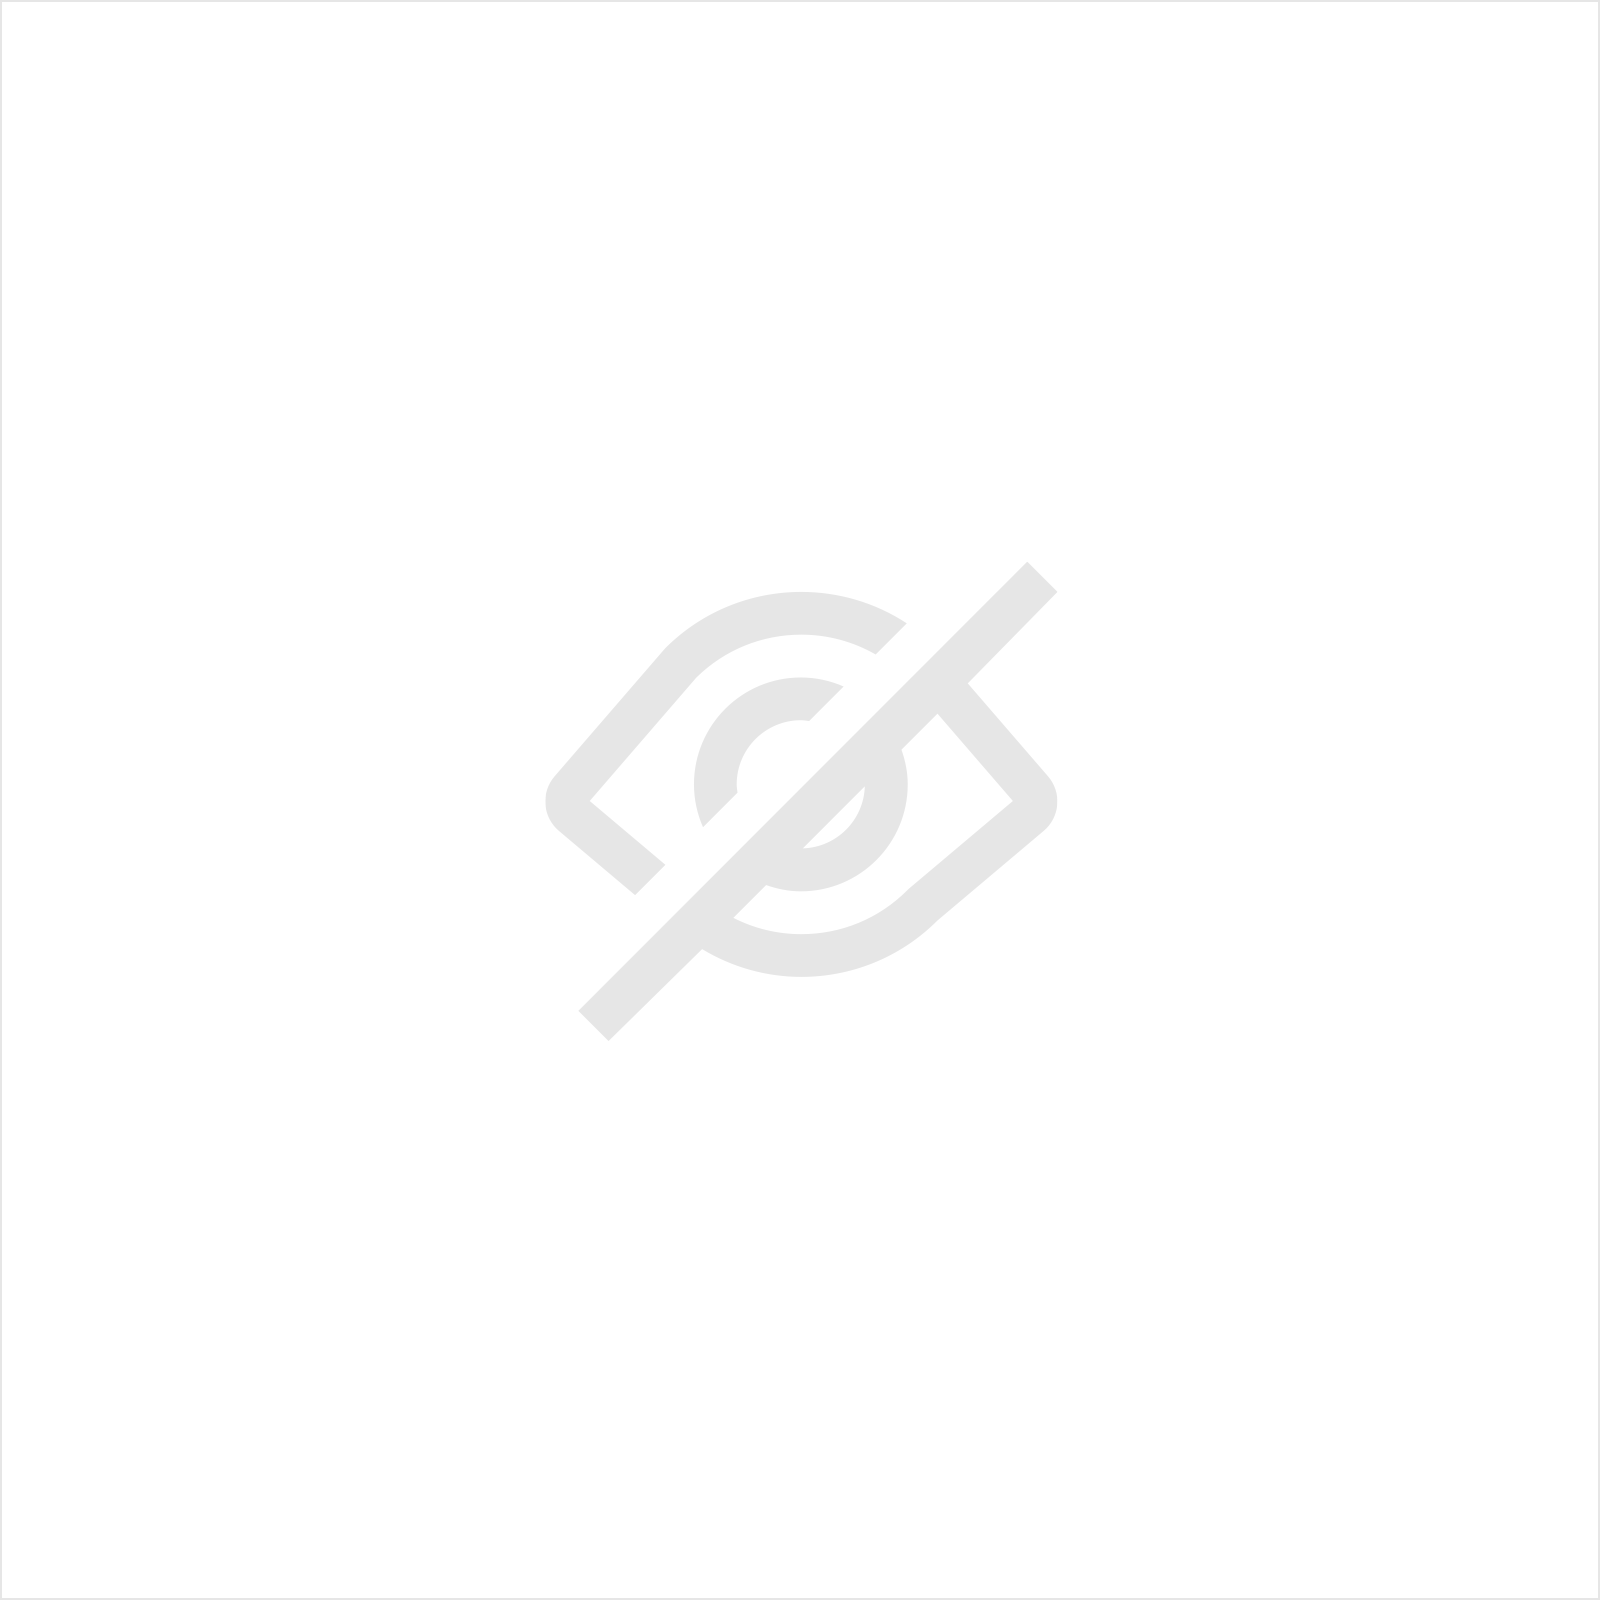 STRAALMIDDEL ZEEF 26cm